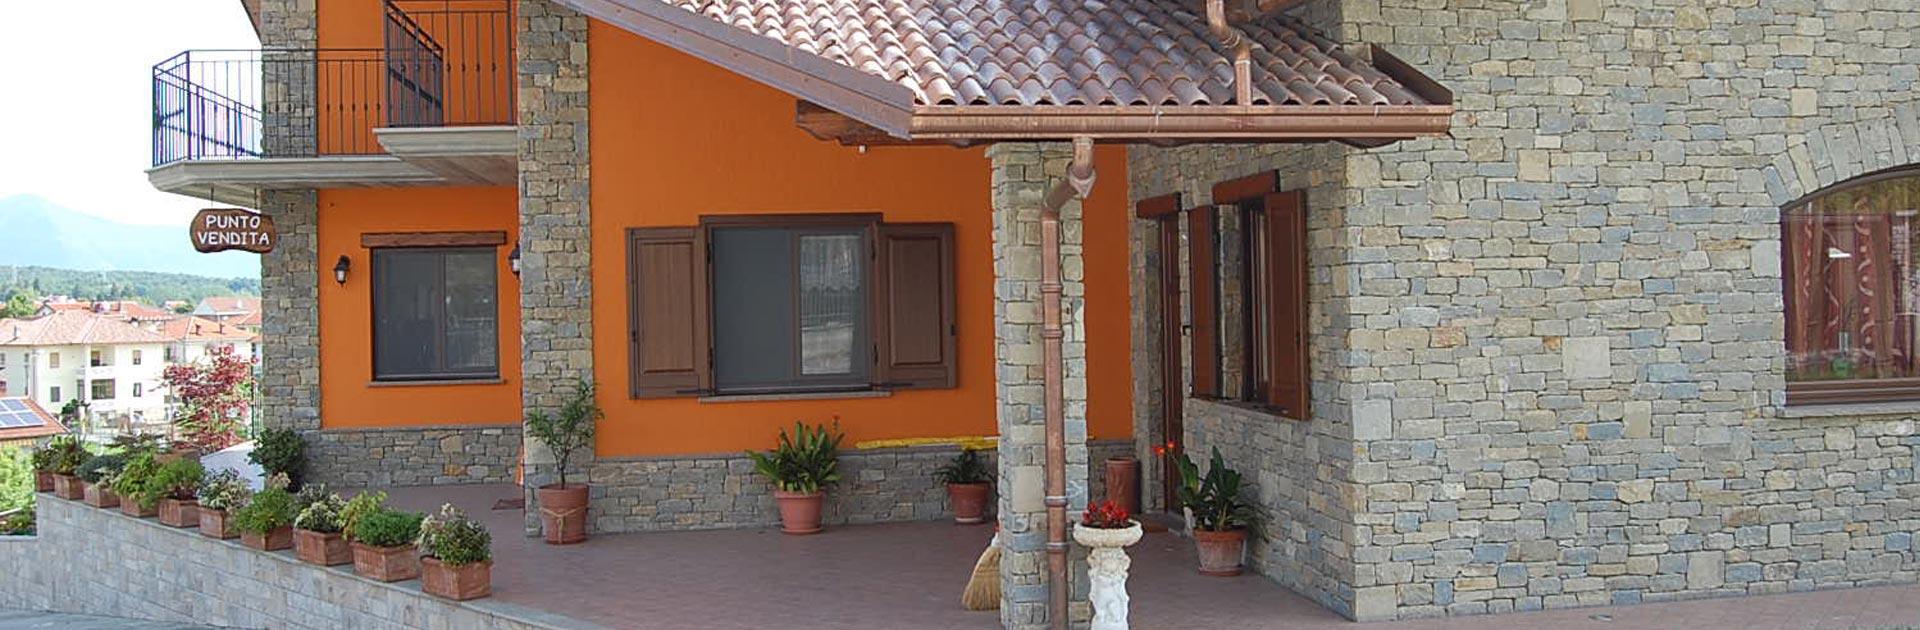 Zoccolo esterno in pietra per esterni in pietra for Zoccolo casa moderna